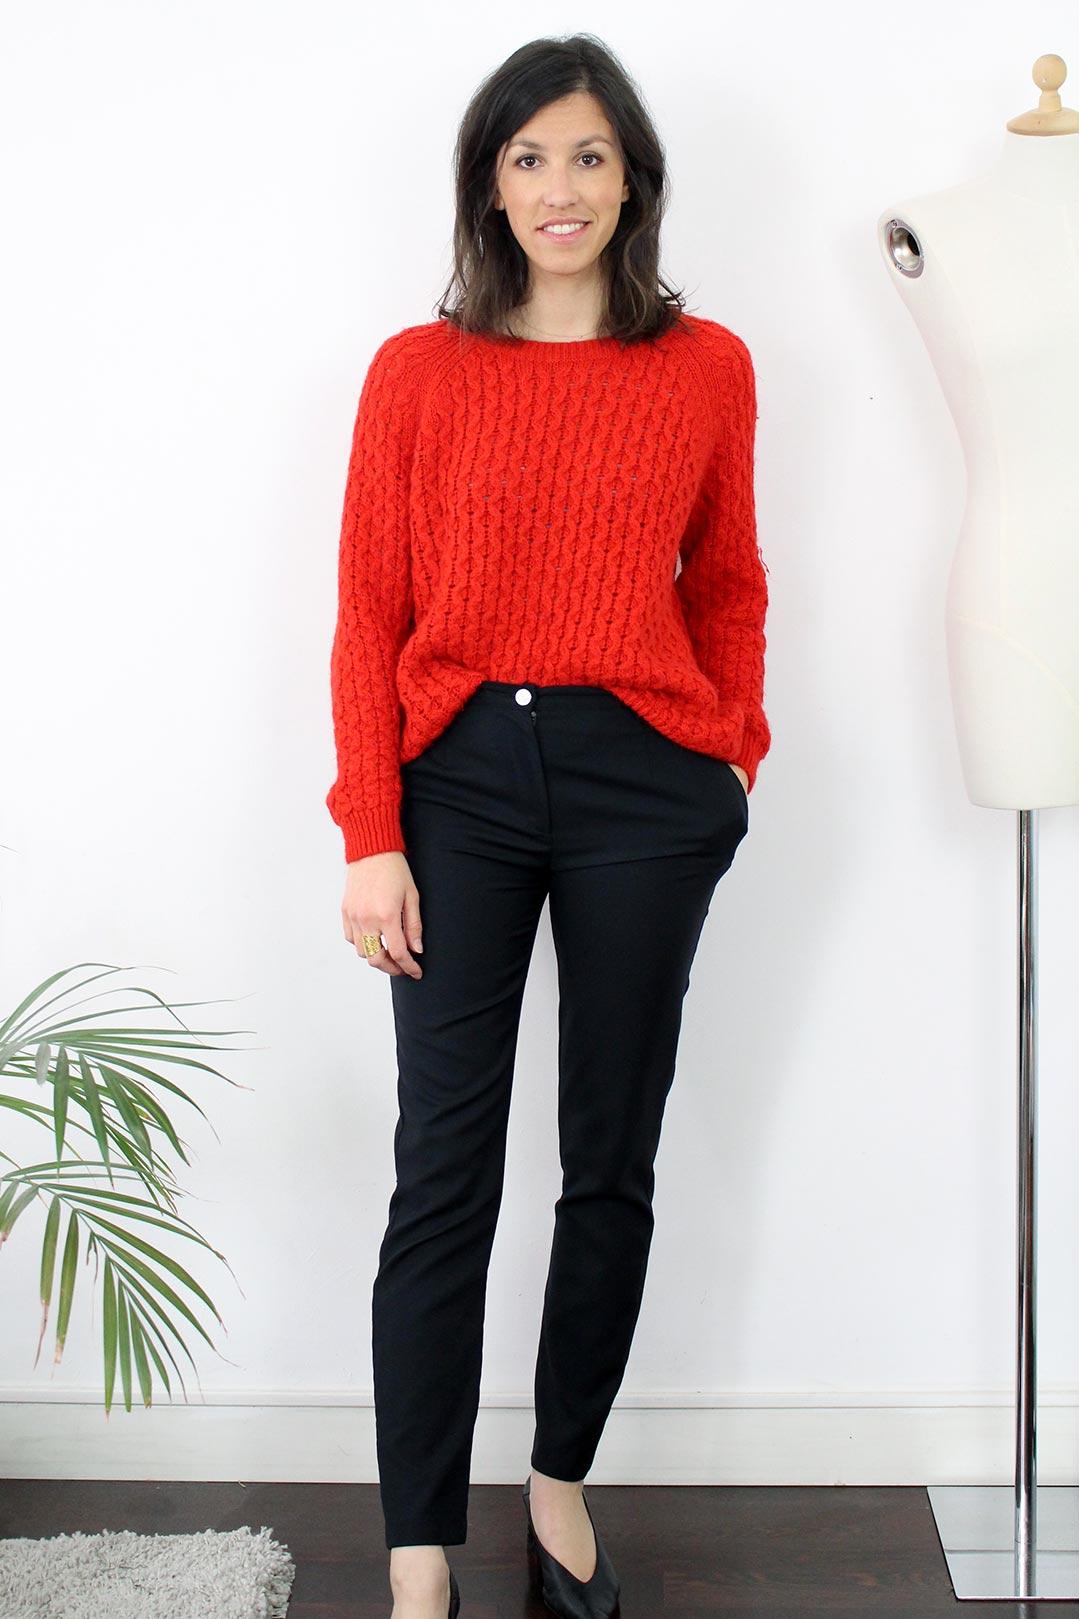 ec1f0cea08 Le Style Casual Chic Femme - Règle et de base et idées de looks ATODE